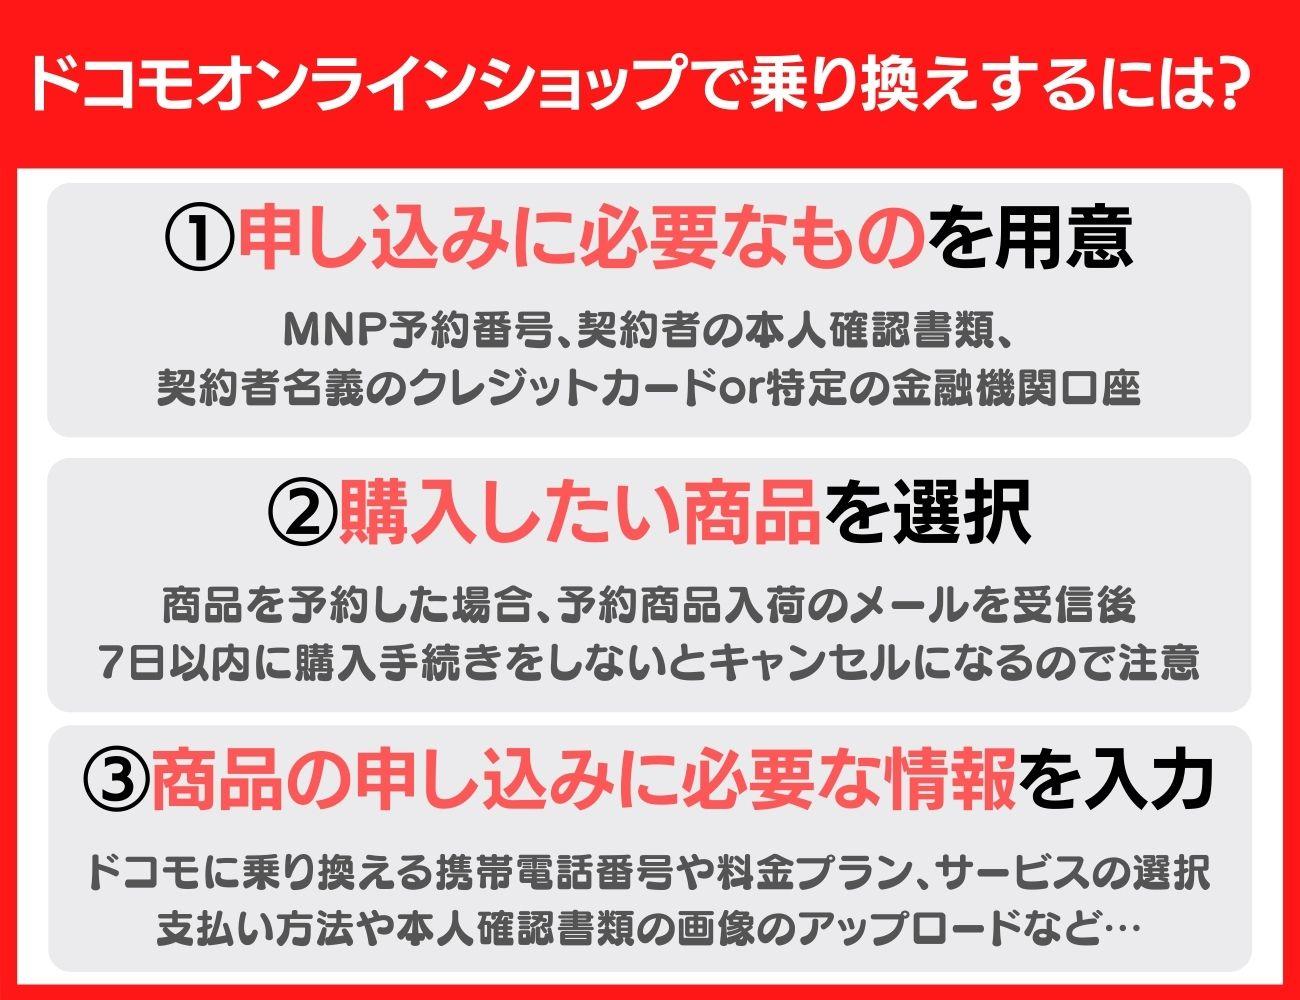 他社からドコモオンラインショップでドコモへ乗り換え(MNP)の手続きをする方法